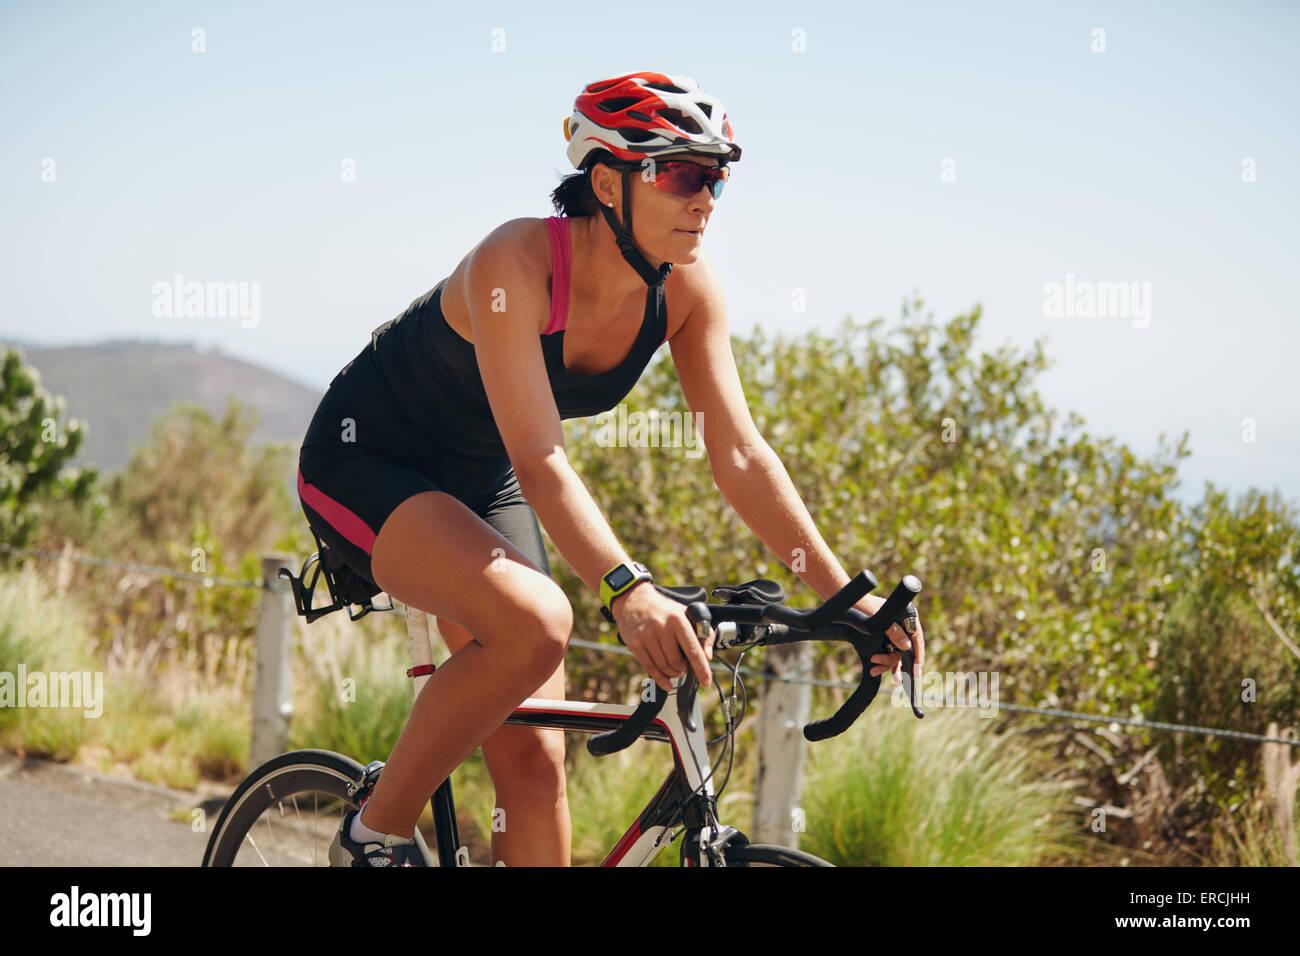 Jeune femme athlète de triathlon vélo sur route de campagne. Woman riding bicycle pour pratiquer la compétition Photo Stock